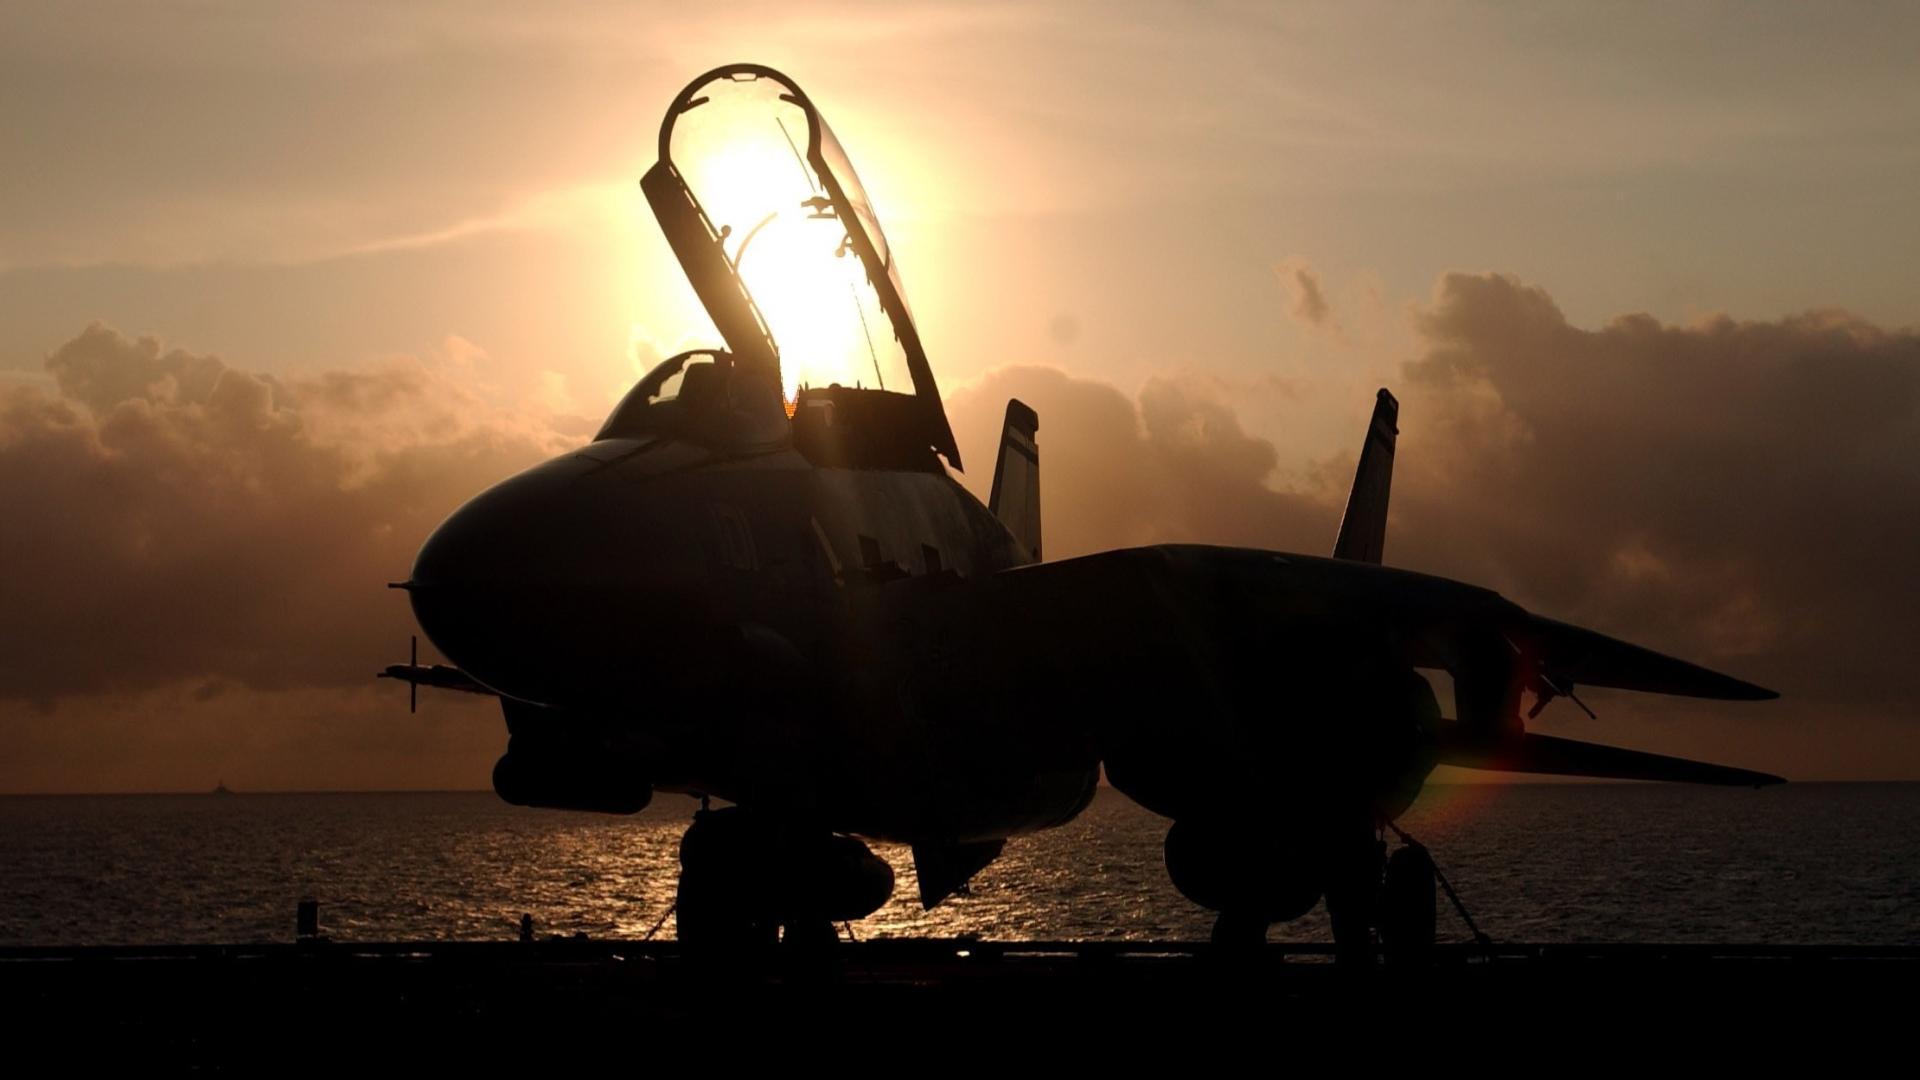 Grumman F-14 Tomcat wallpapers HD quality